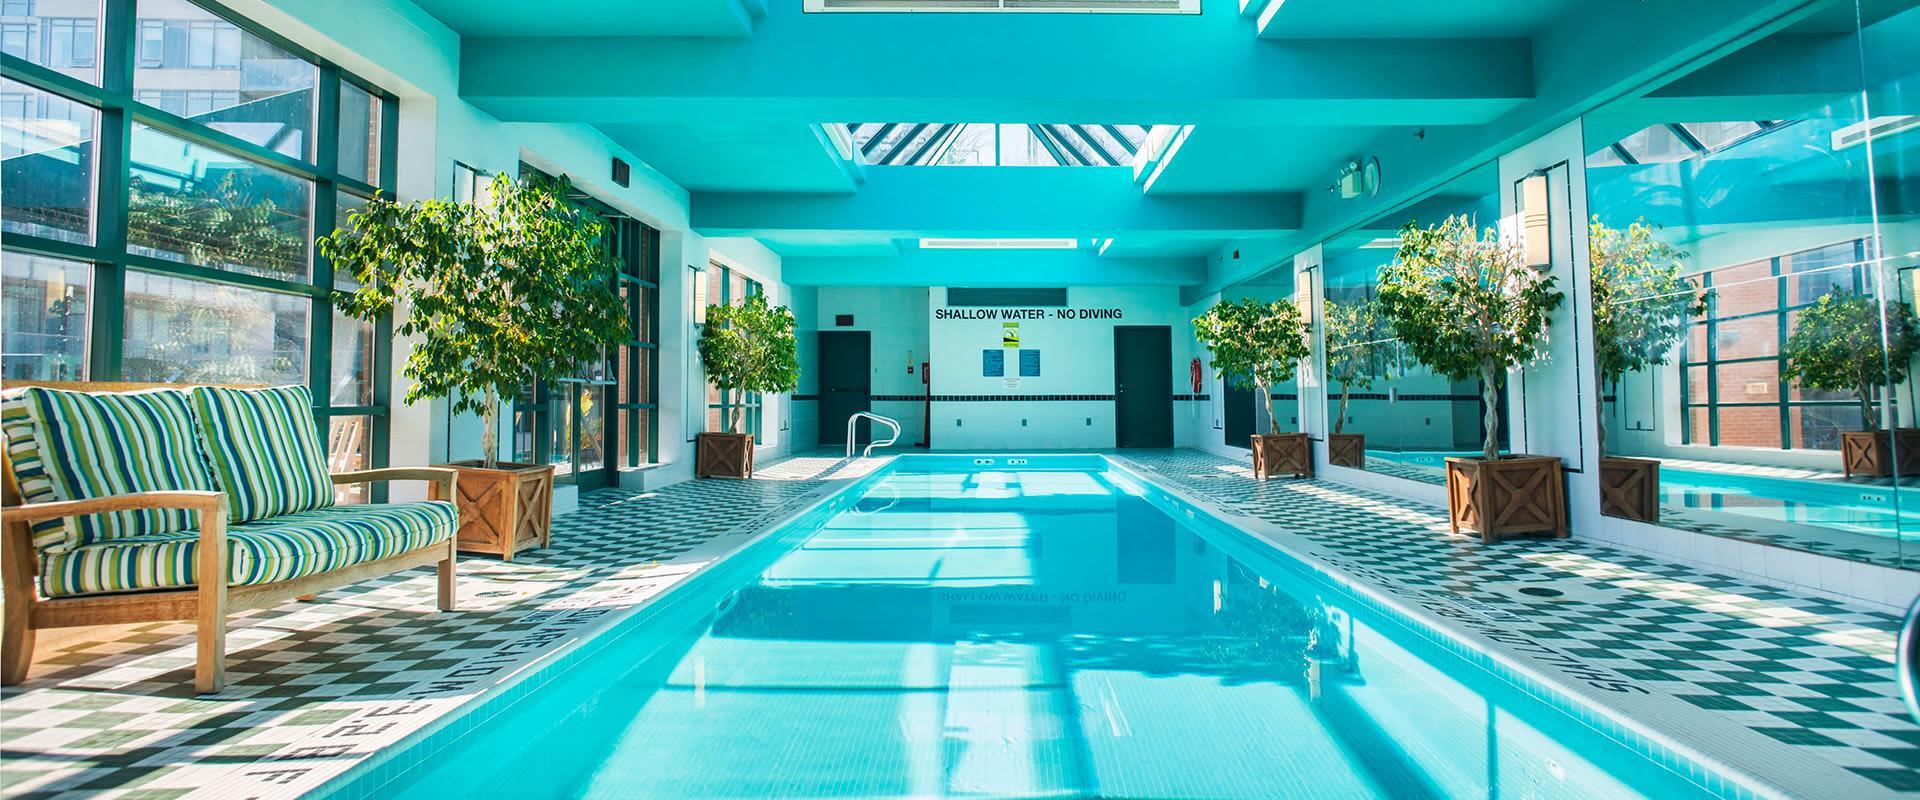 Yorkville Toronto Swimming Pool